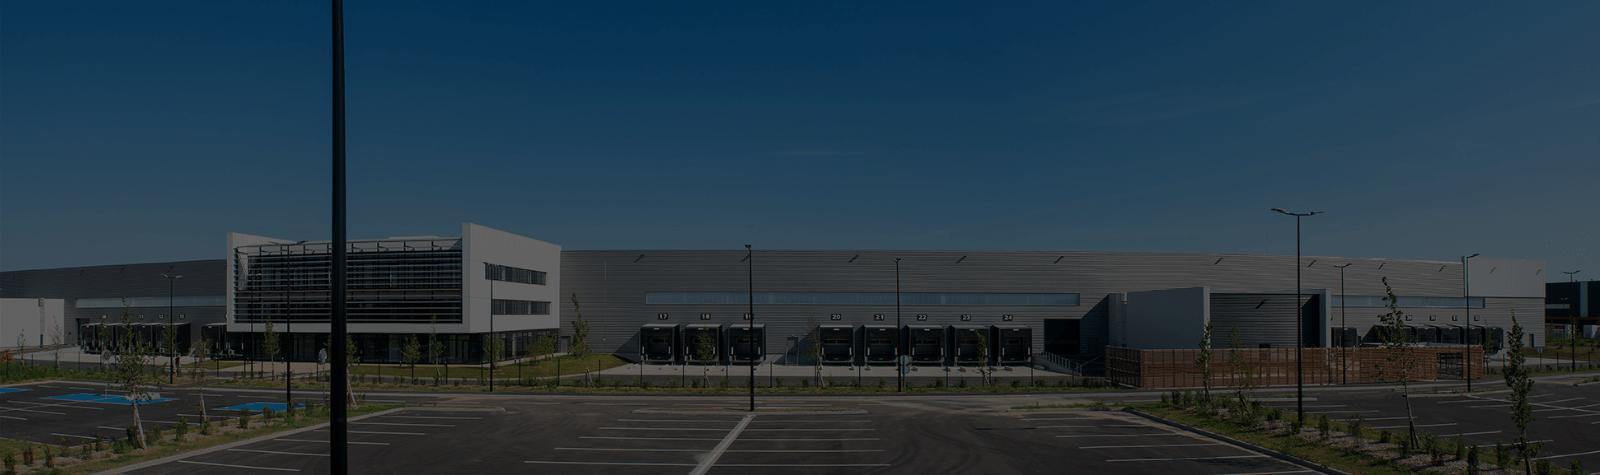 LaSalle loue 50 % de S-One, sa nouvelle plate-forme logistique de Sénart